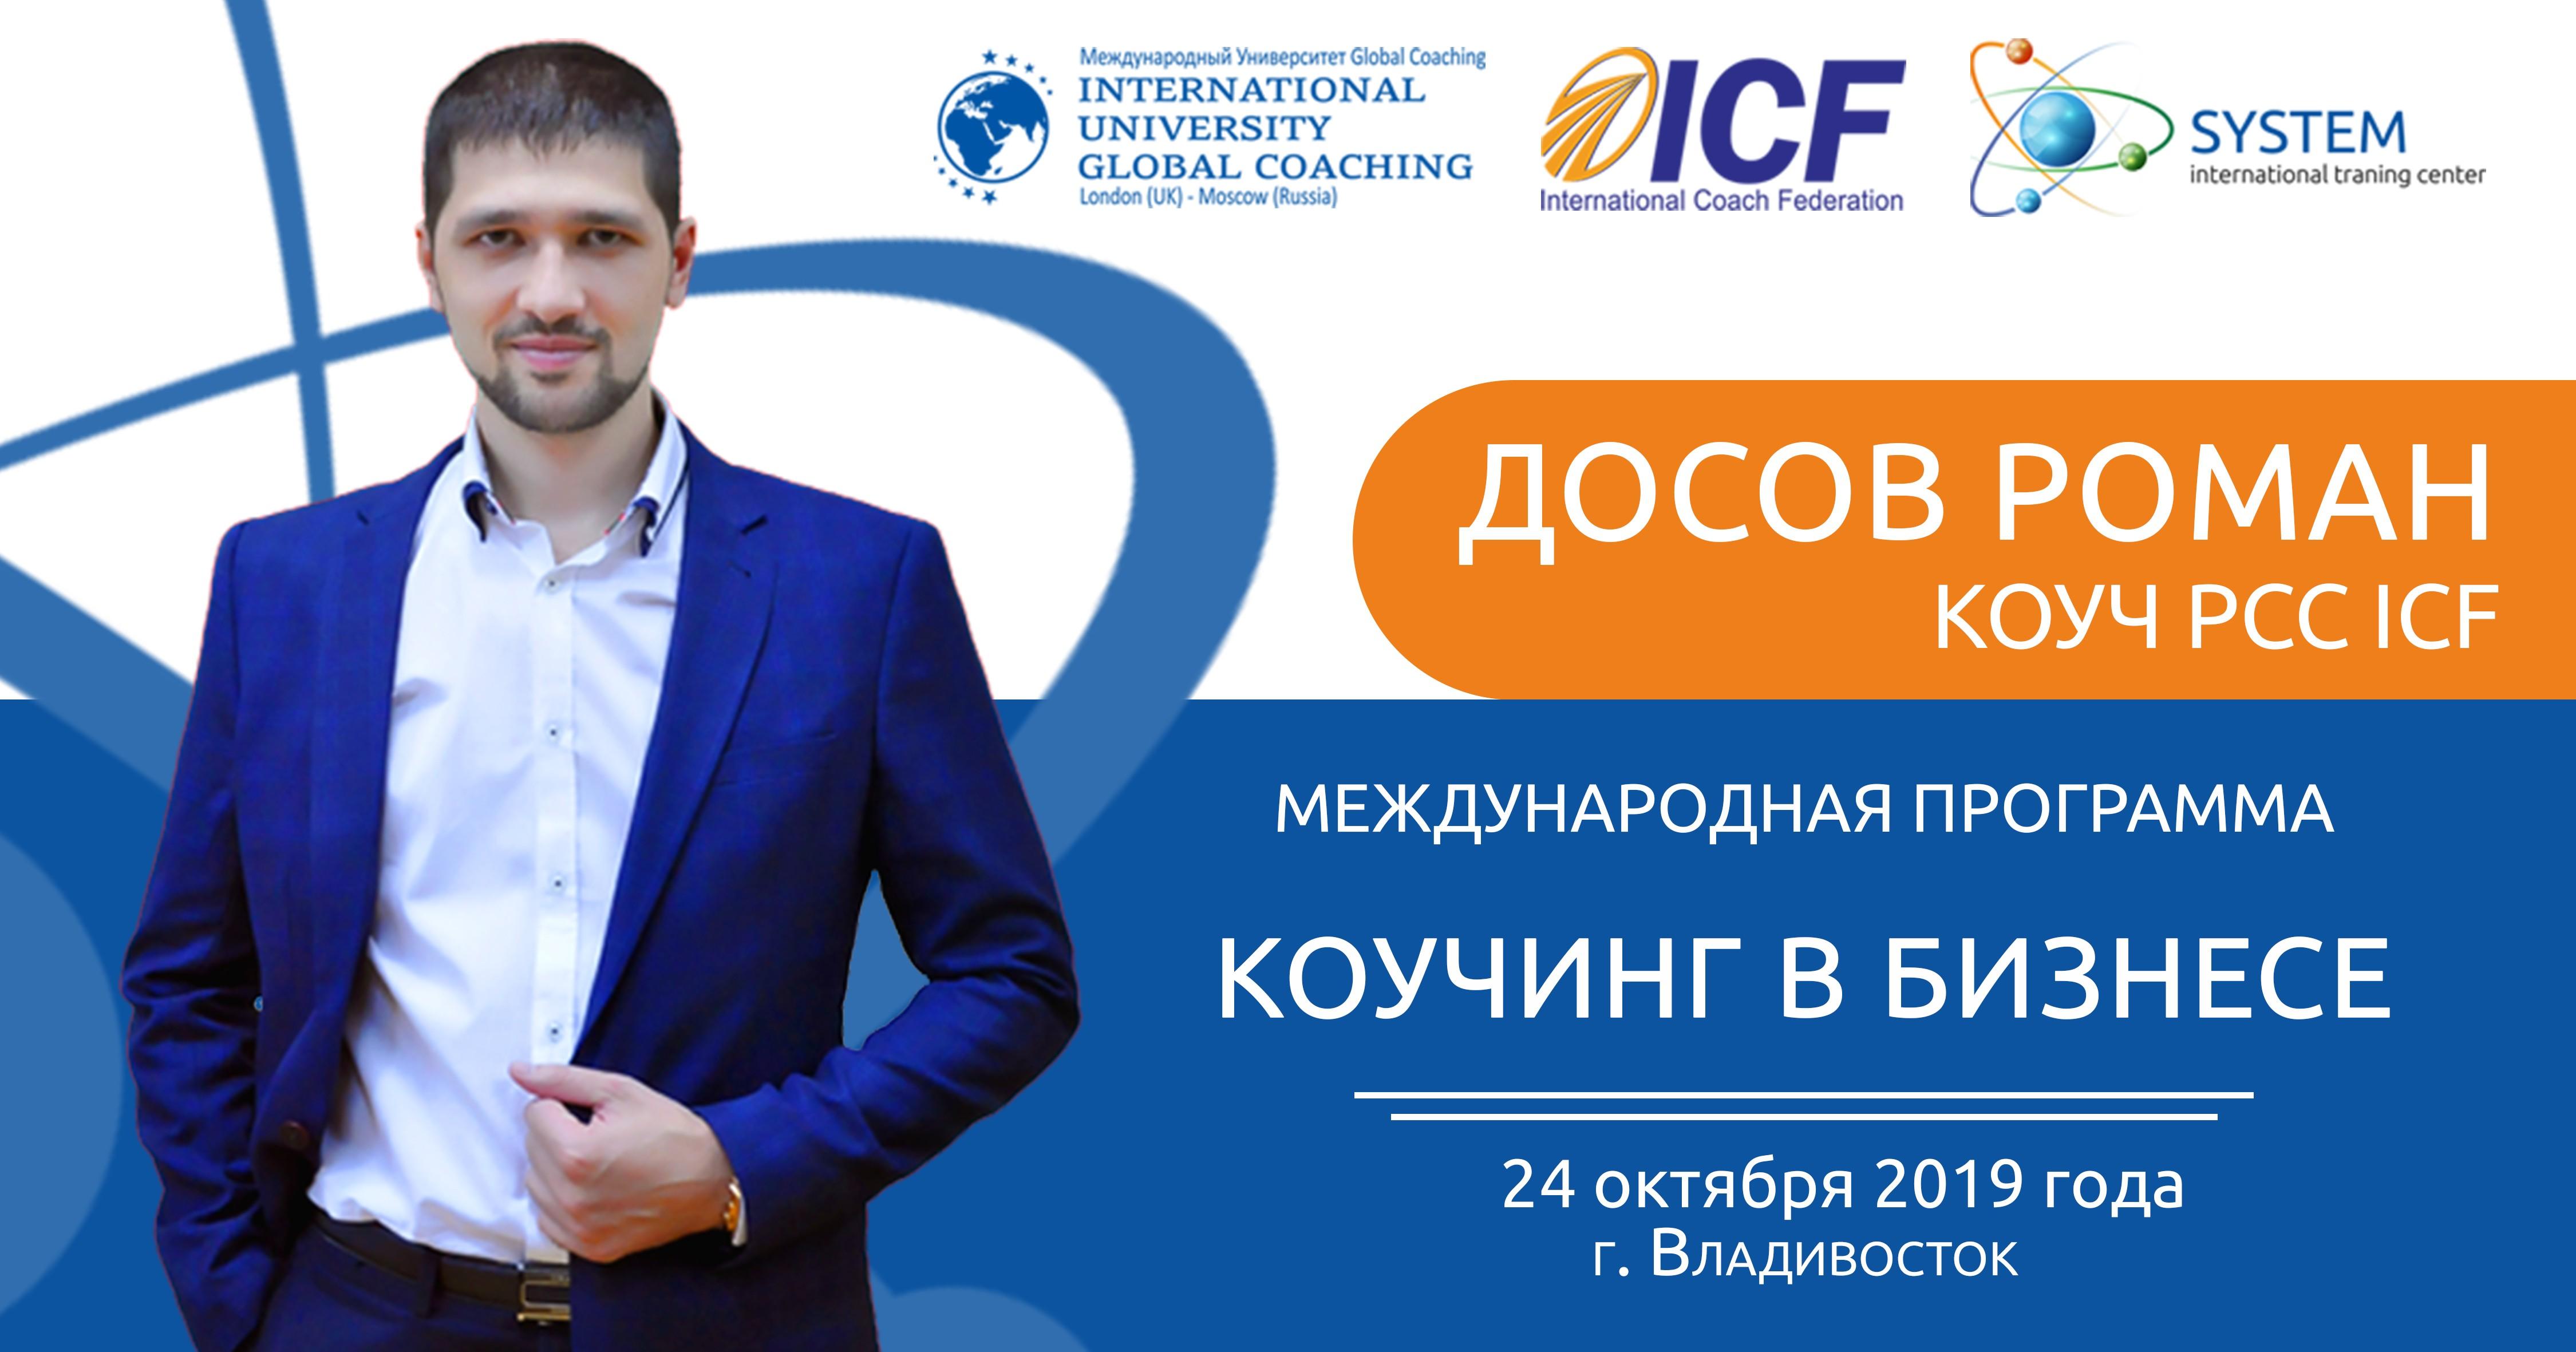 Международная программа «Коучинг в бизнесе» @ г. Владивосток, ул. Жигура 26а, 2 этаж, ауд.2-7 | Владивосток | Приморский край | Россия